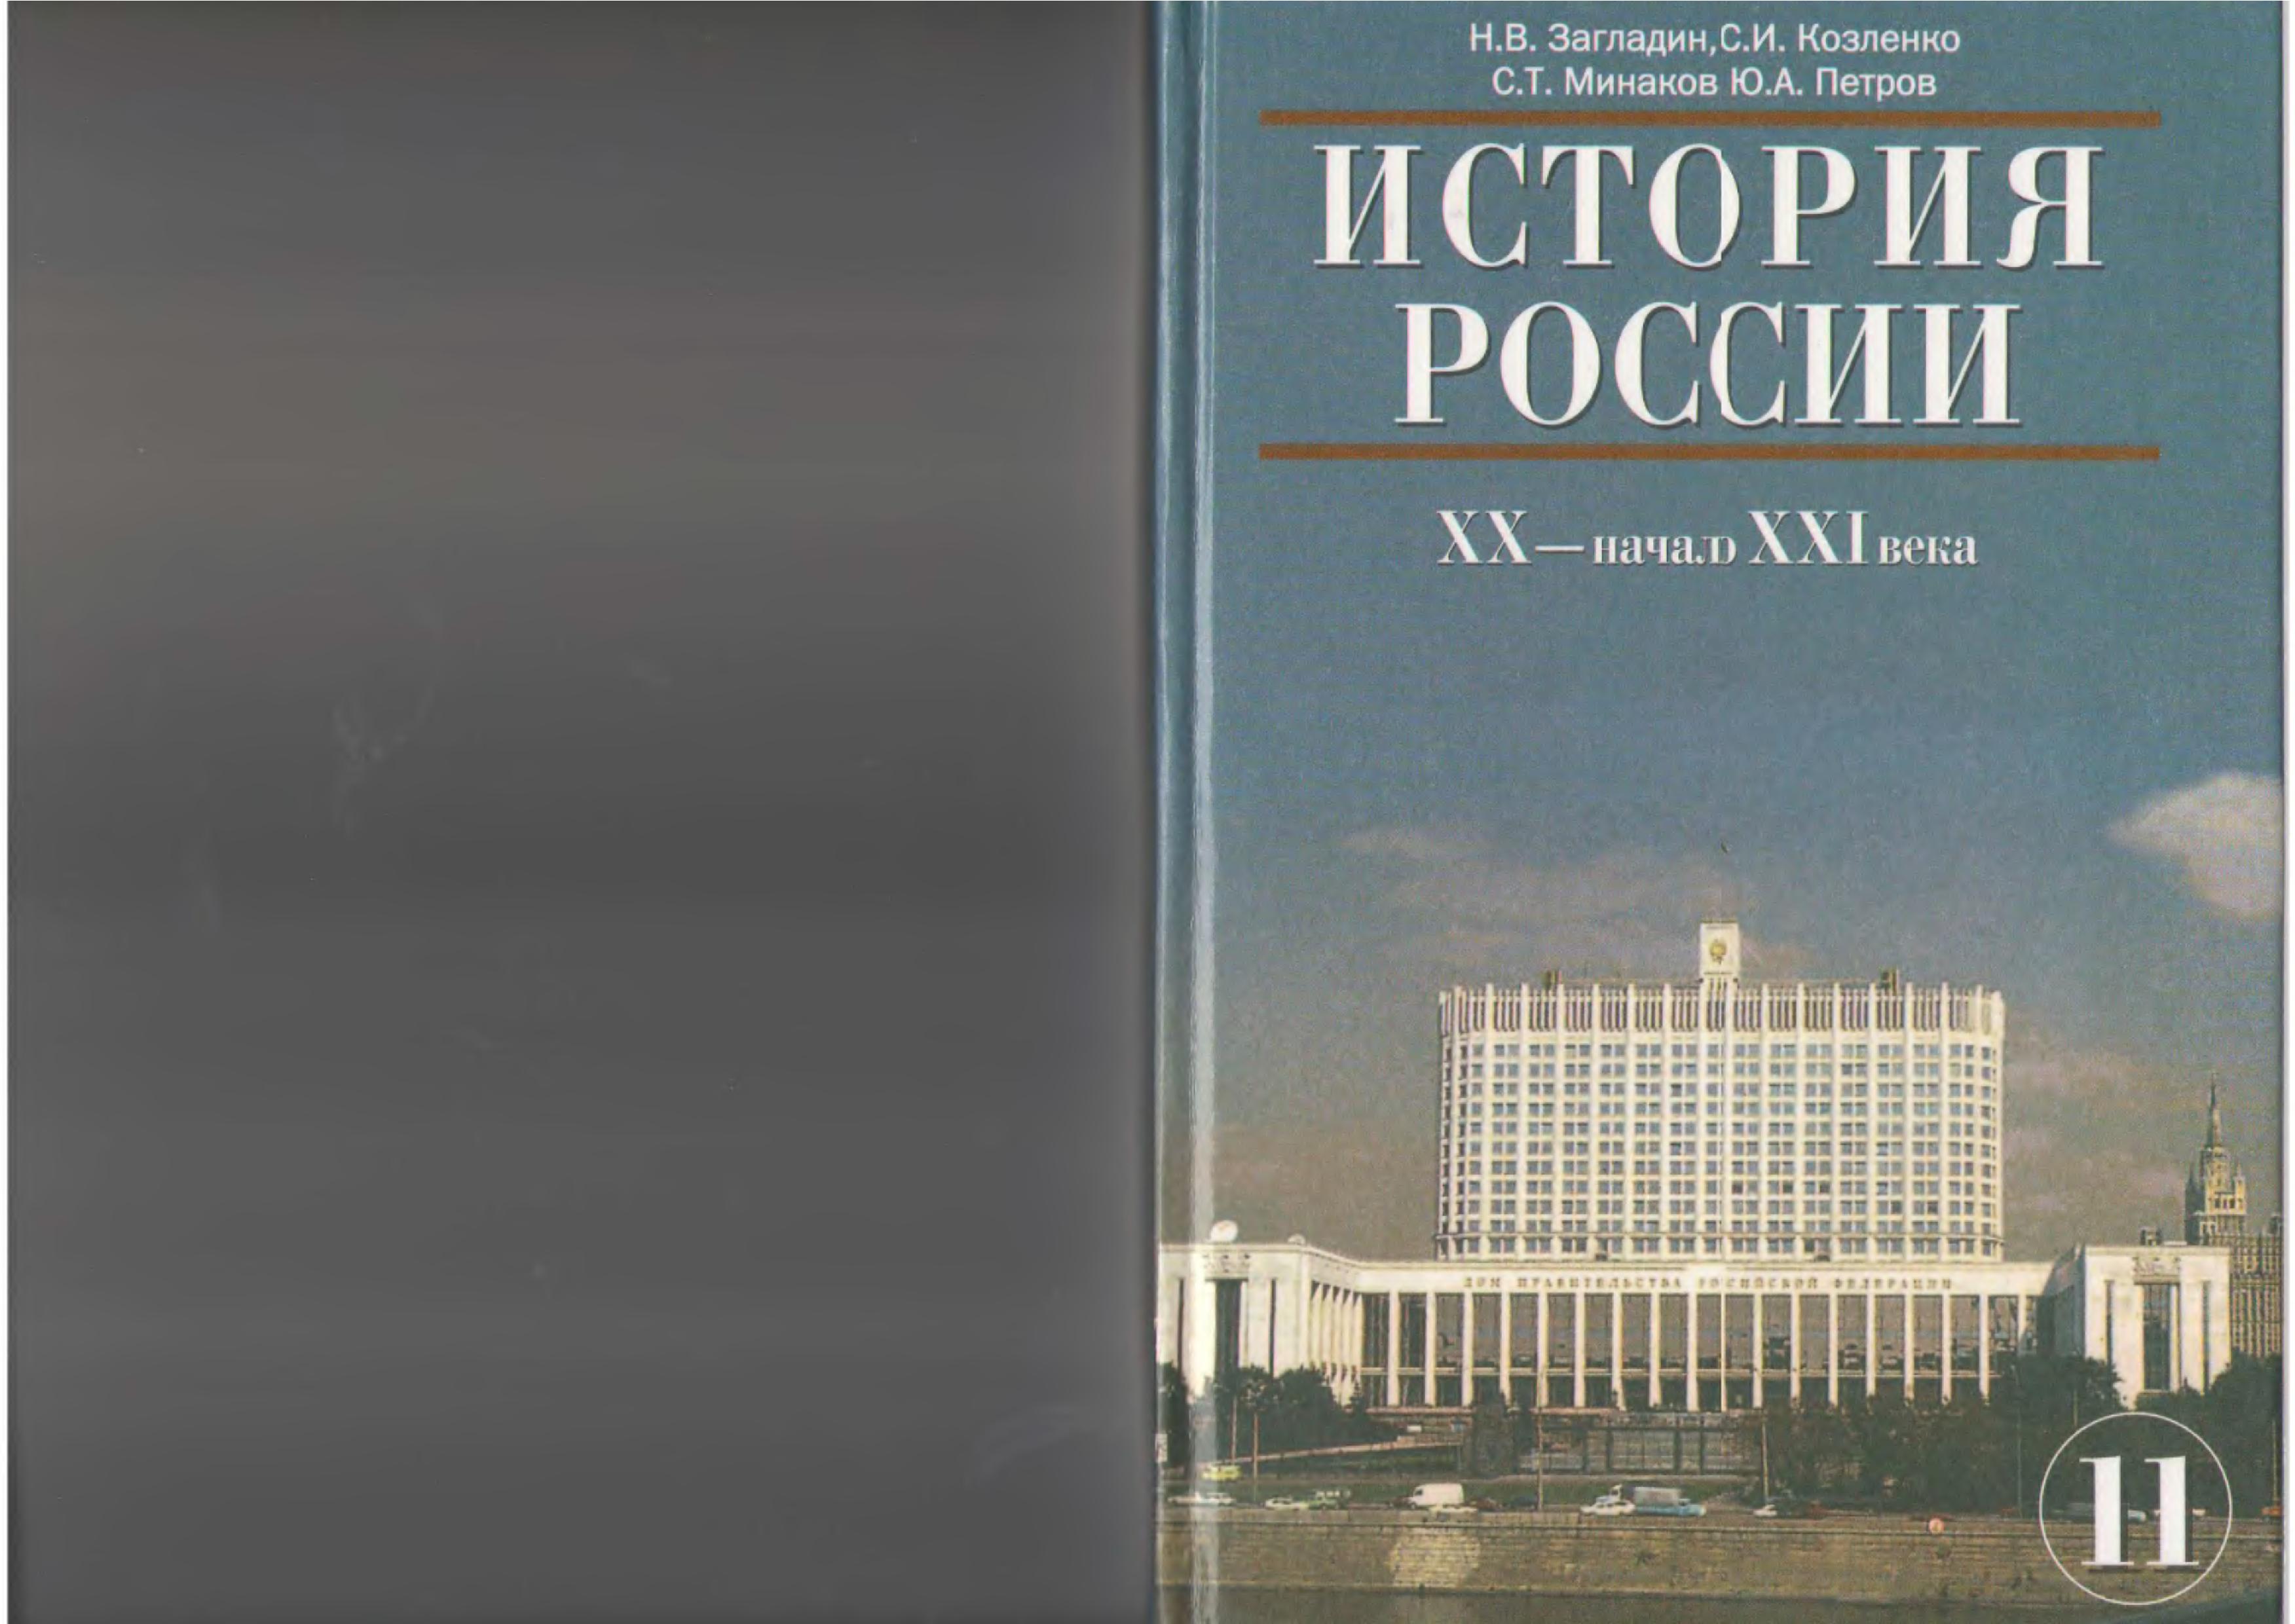 11 россии ответы история гдз класс